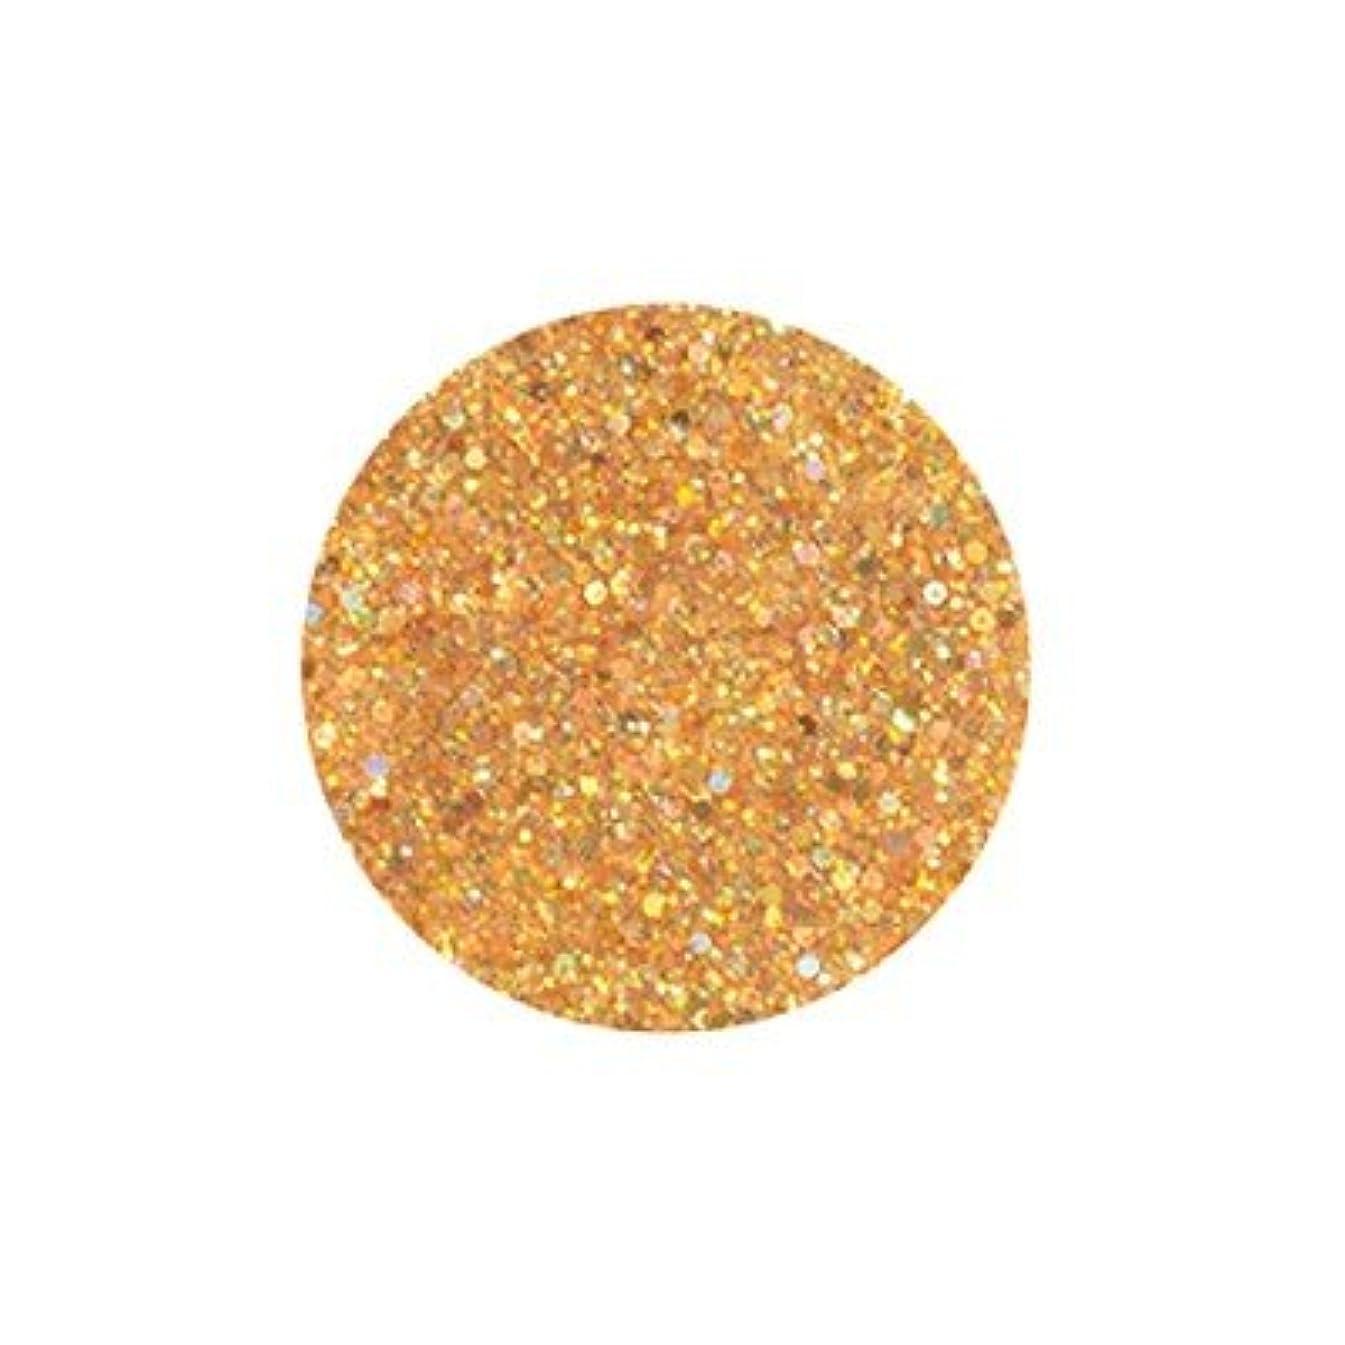 生き残ります多くの危険がある状況フィッティングFANTASY NAIL ダイヤモンドコレクション 3g 4254XS カラーパウダー アート材